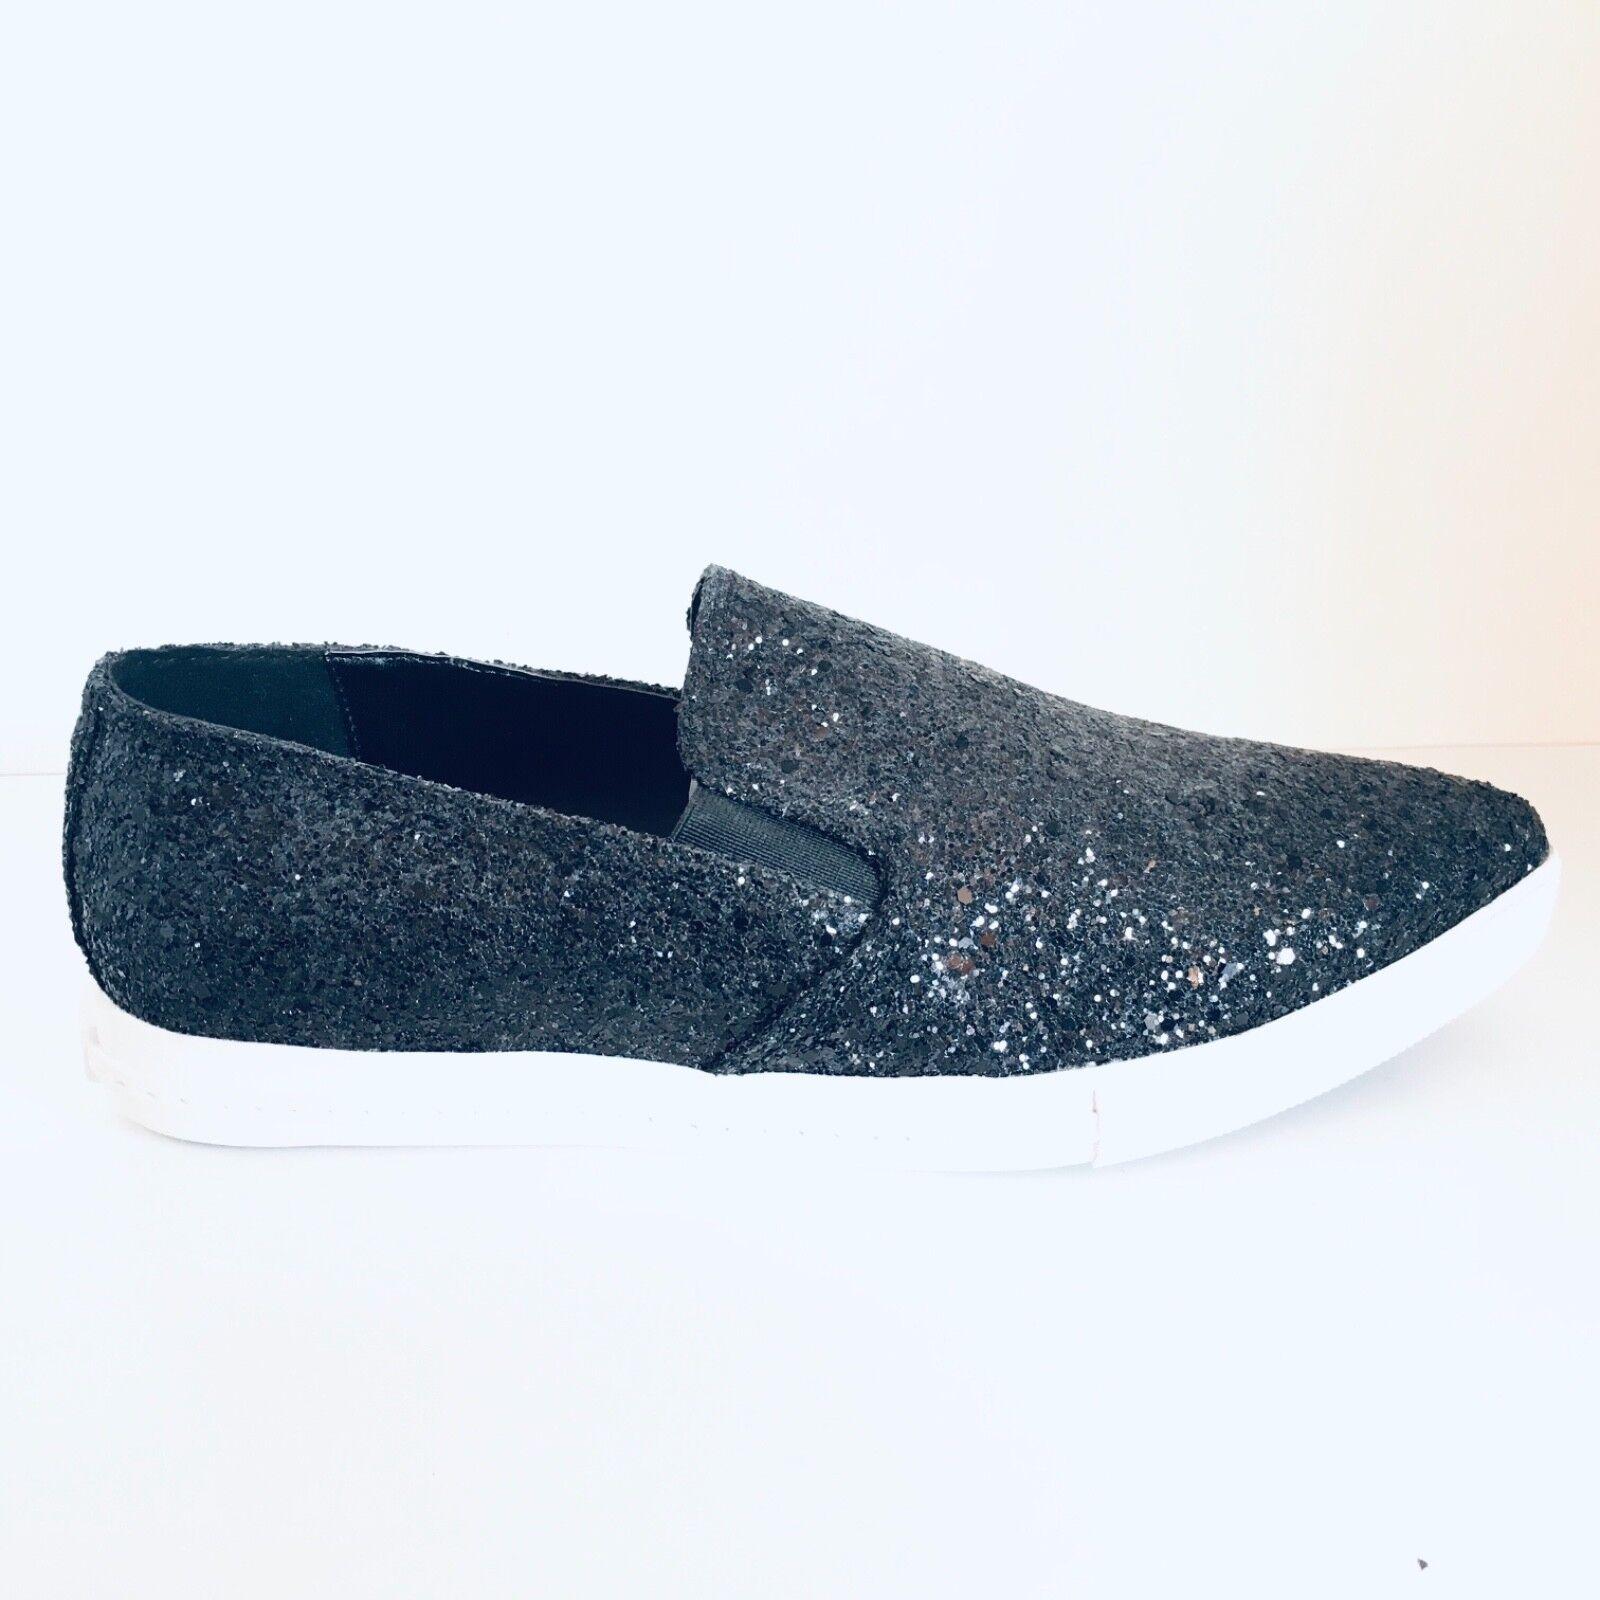 BAGATT BAGATT BAGATT zapatos n. 39 mujer BAGW51 purpurina negro 4749bc